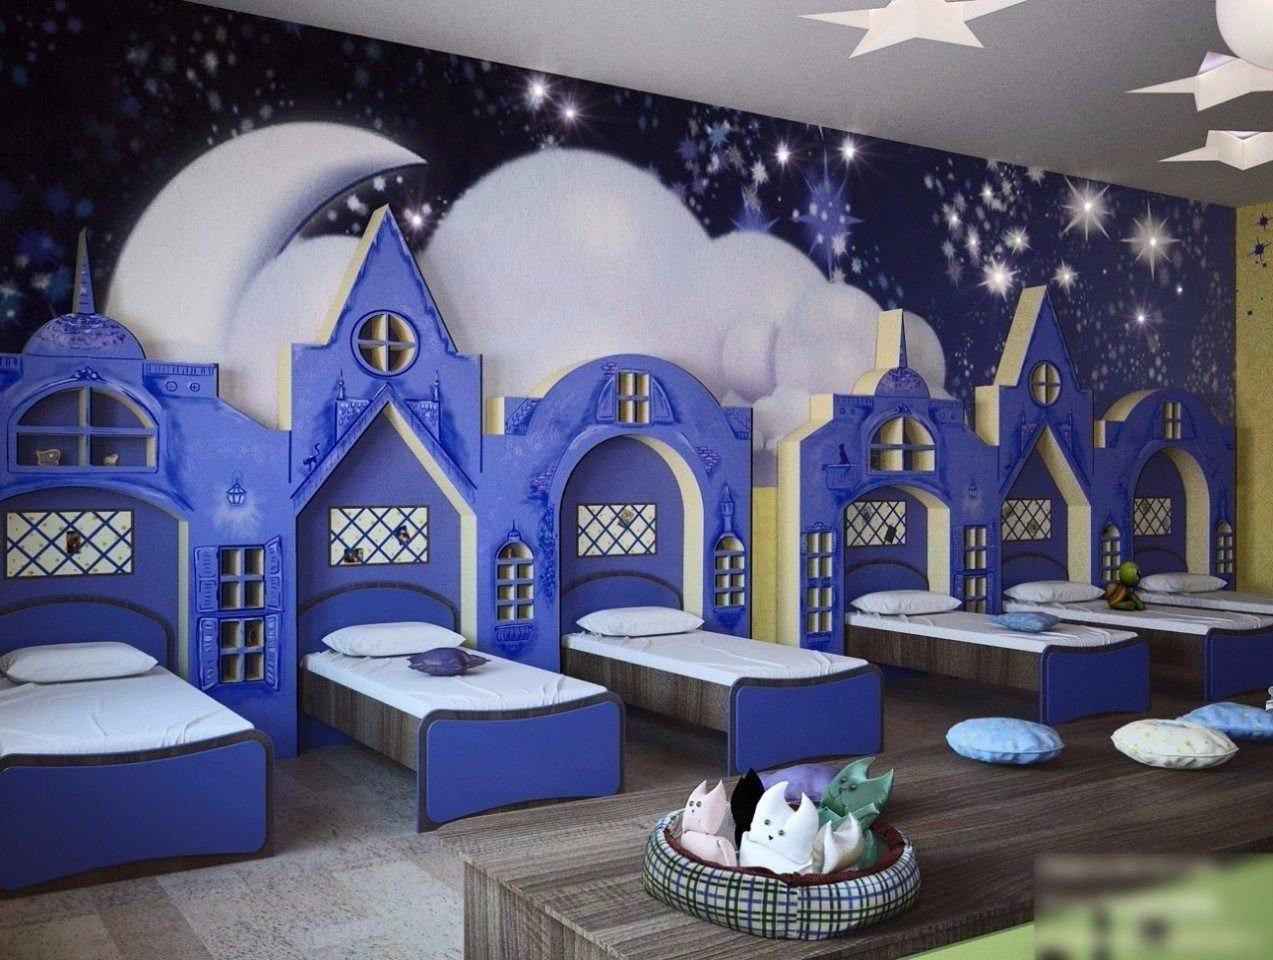 Картинки спальни детском саду